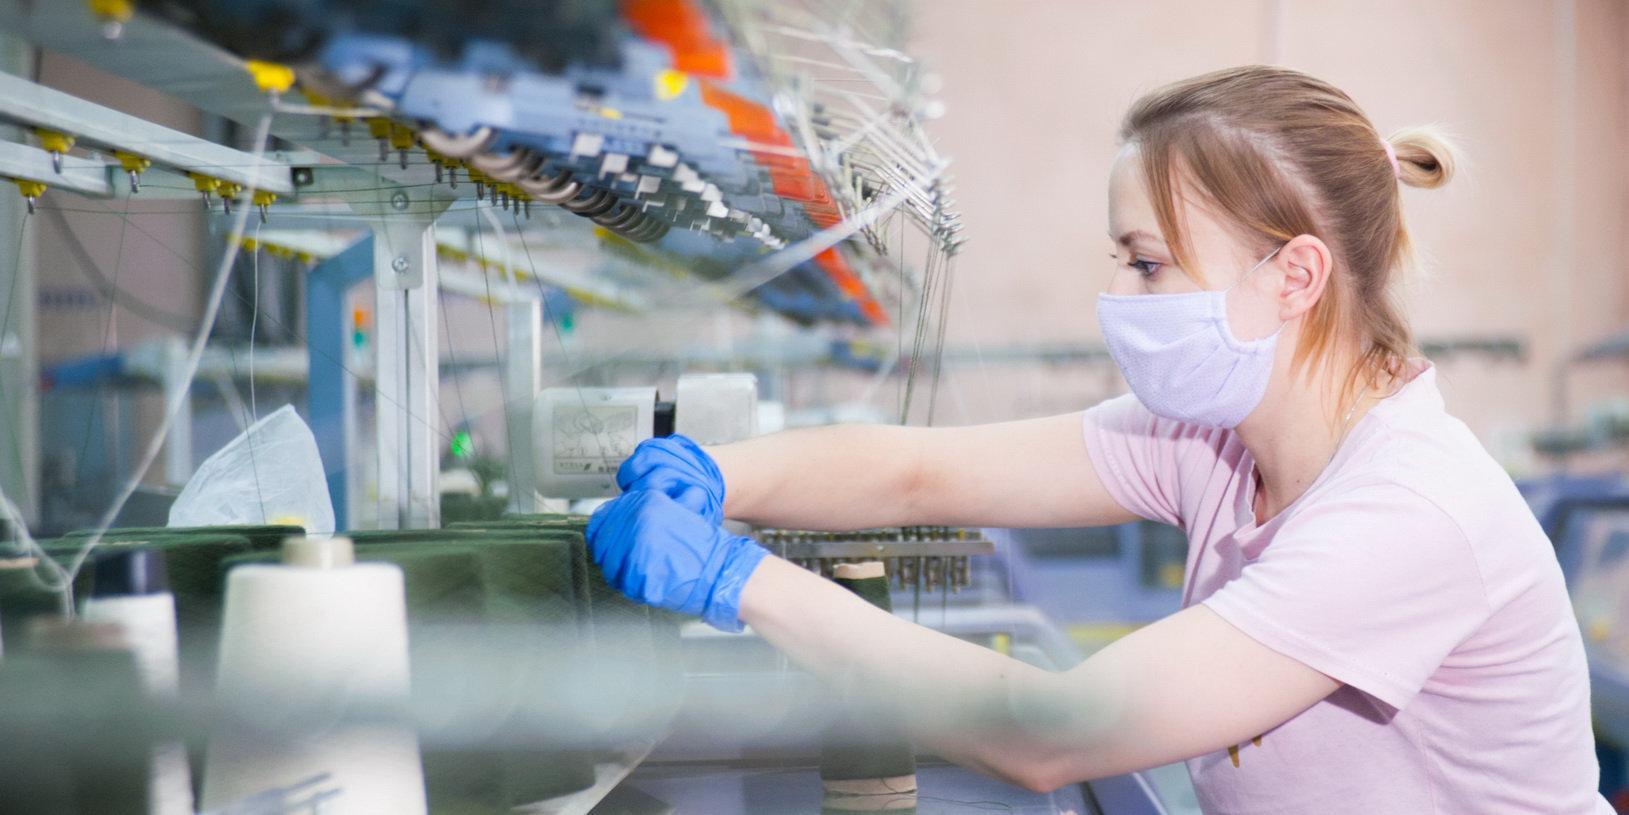 Три учебных заведения Ивановской области будут готовить специалистов для трикотажного производства